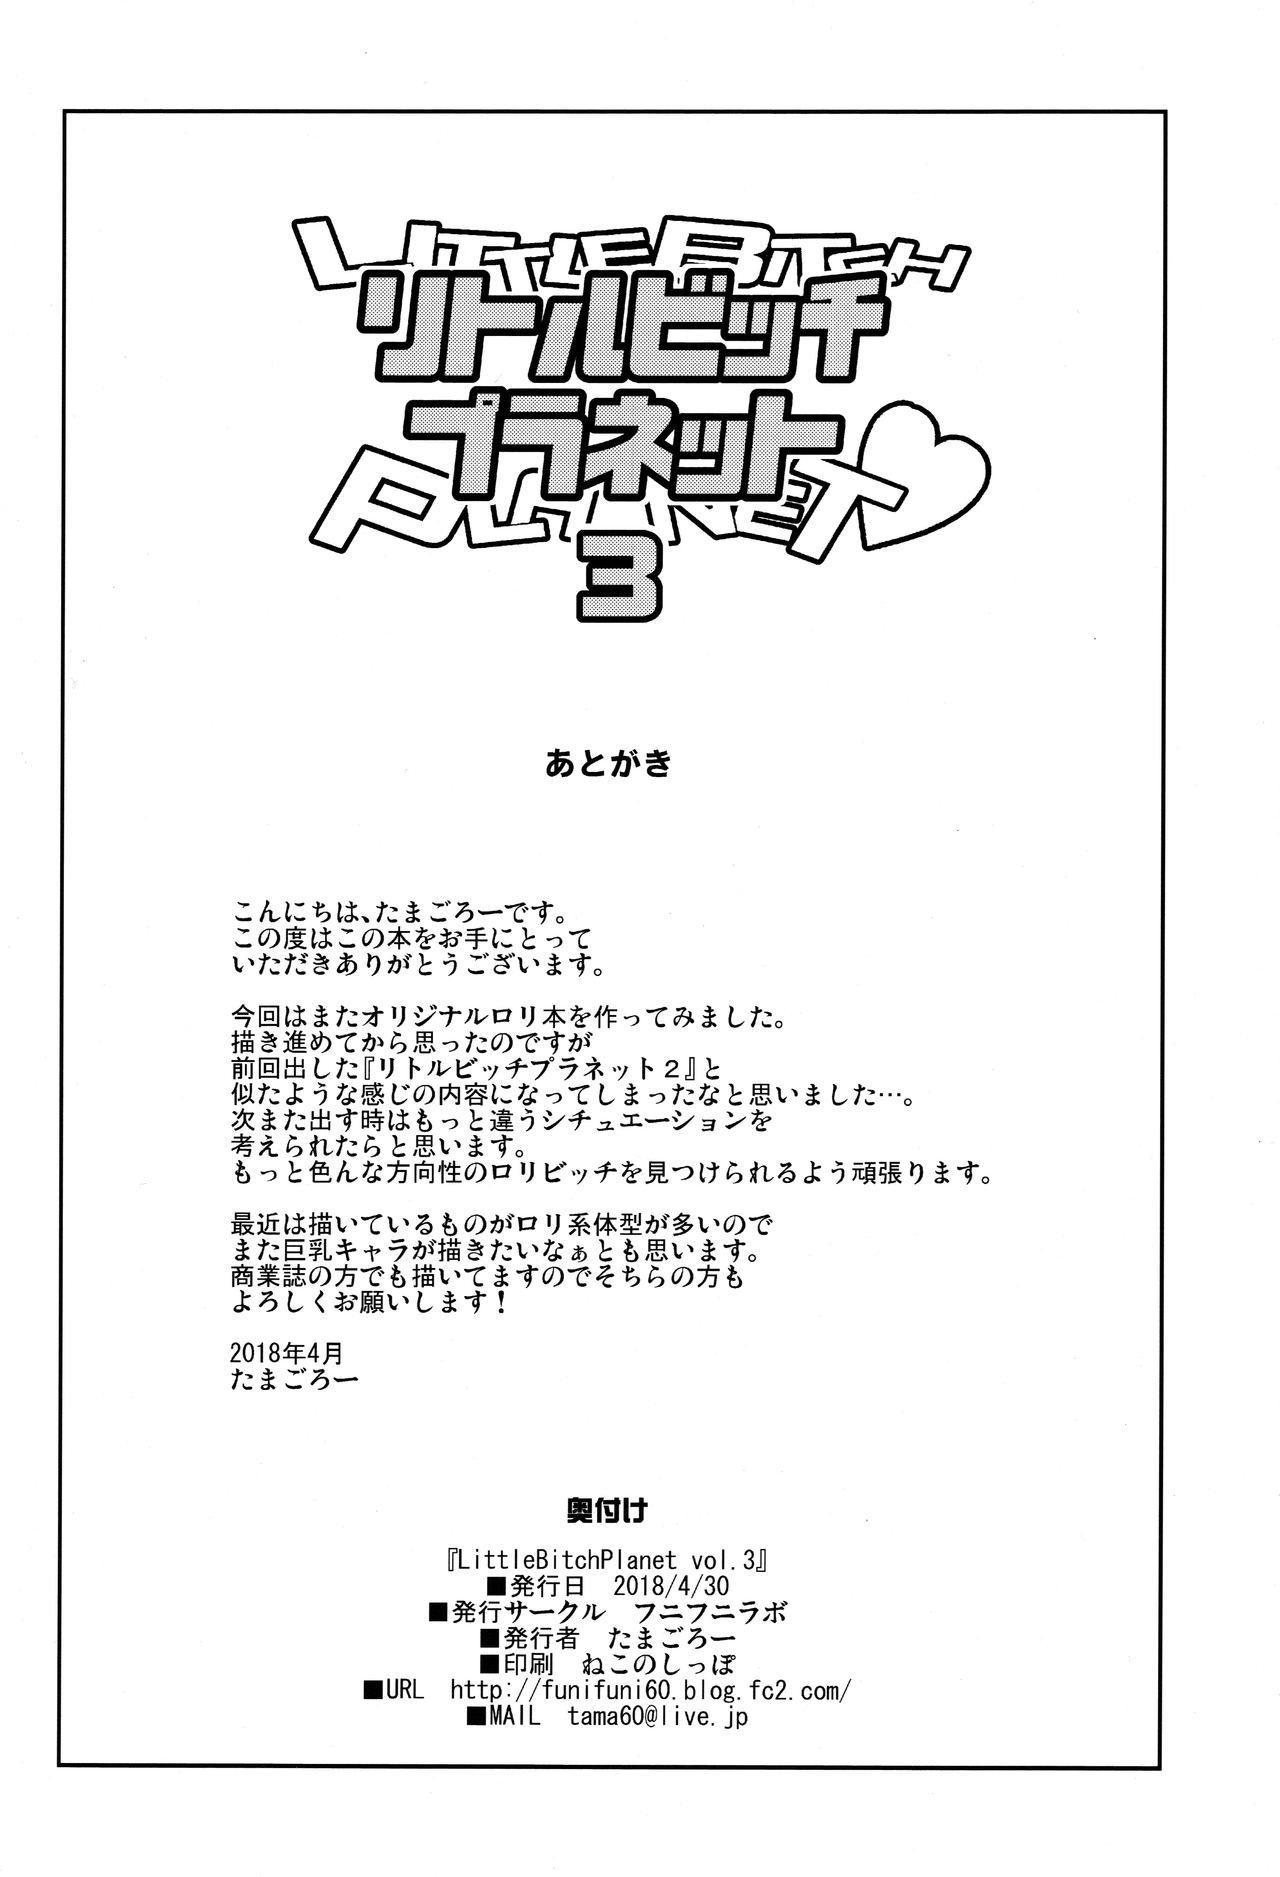 LittleBitchPlanet Vol. 3 22